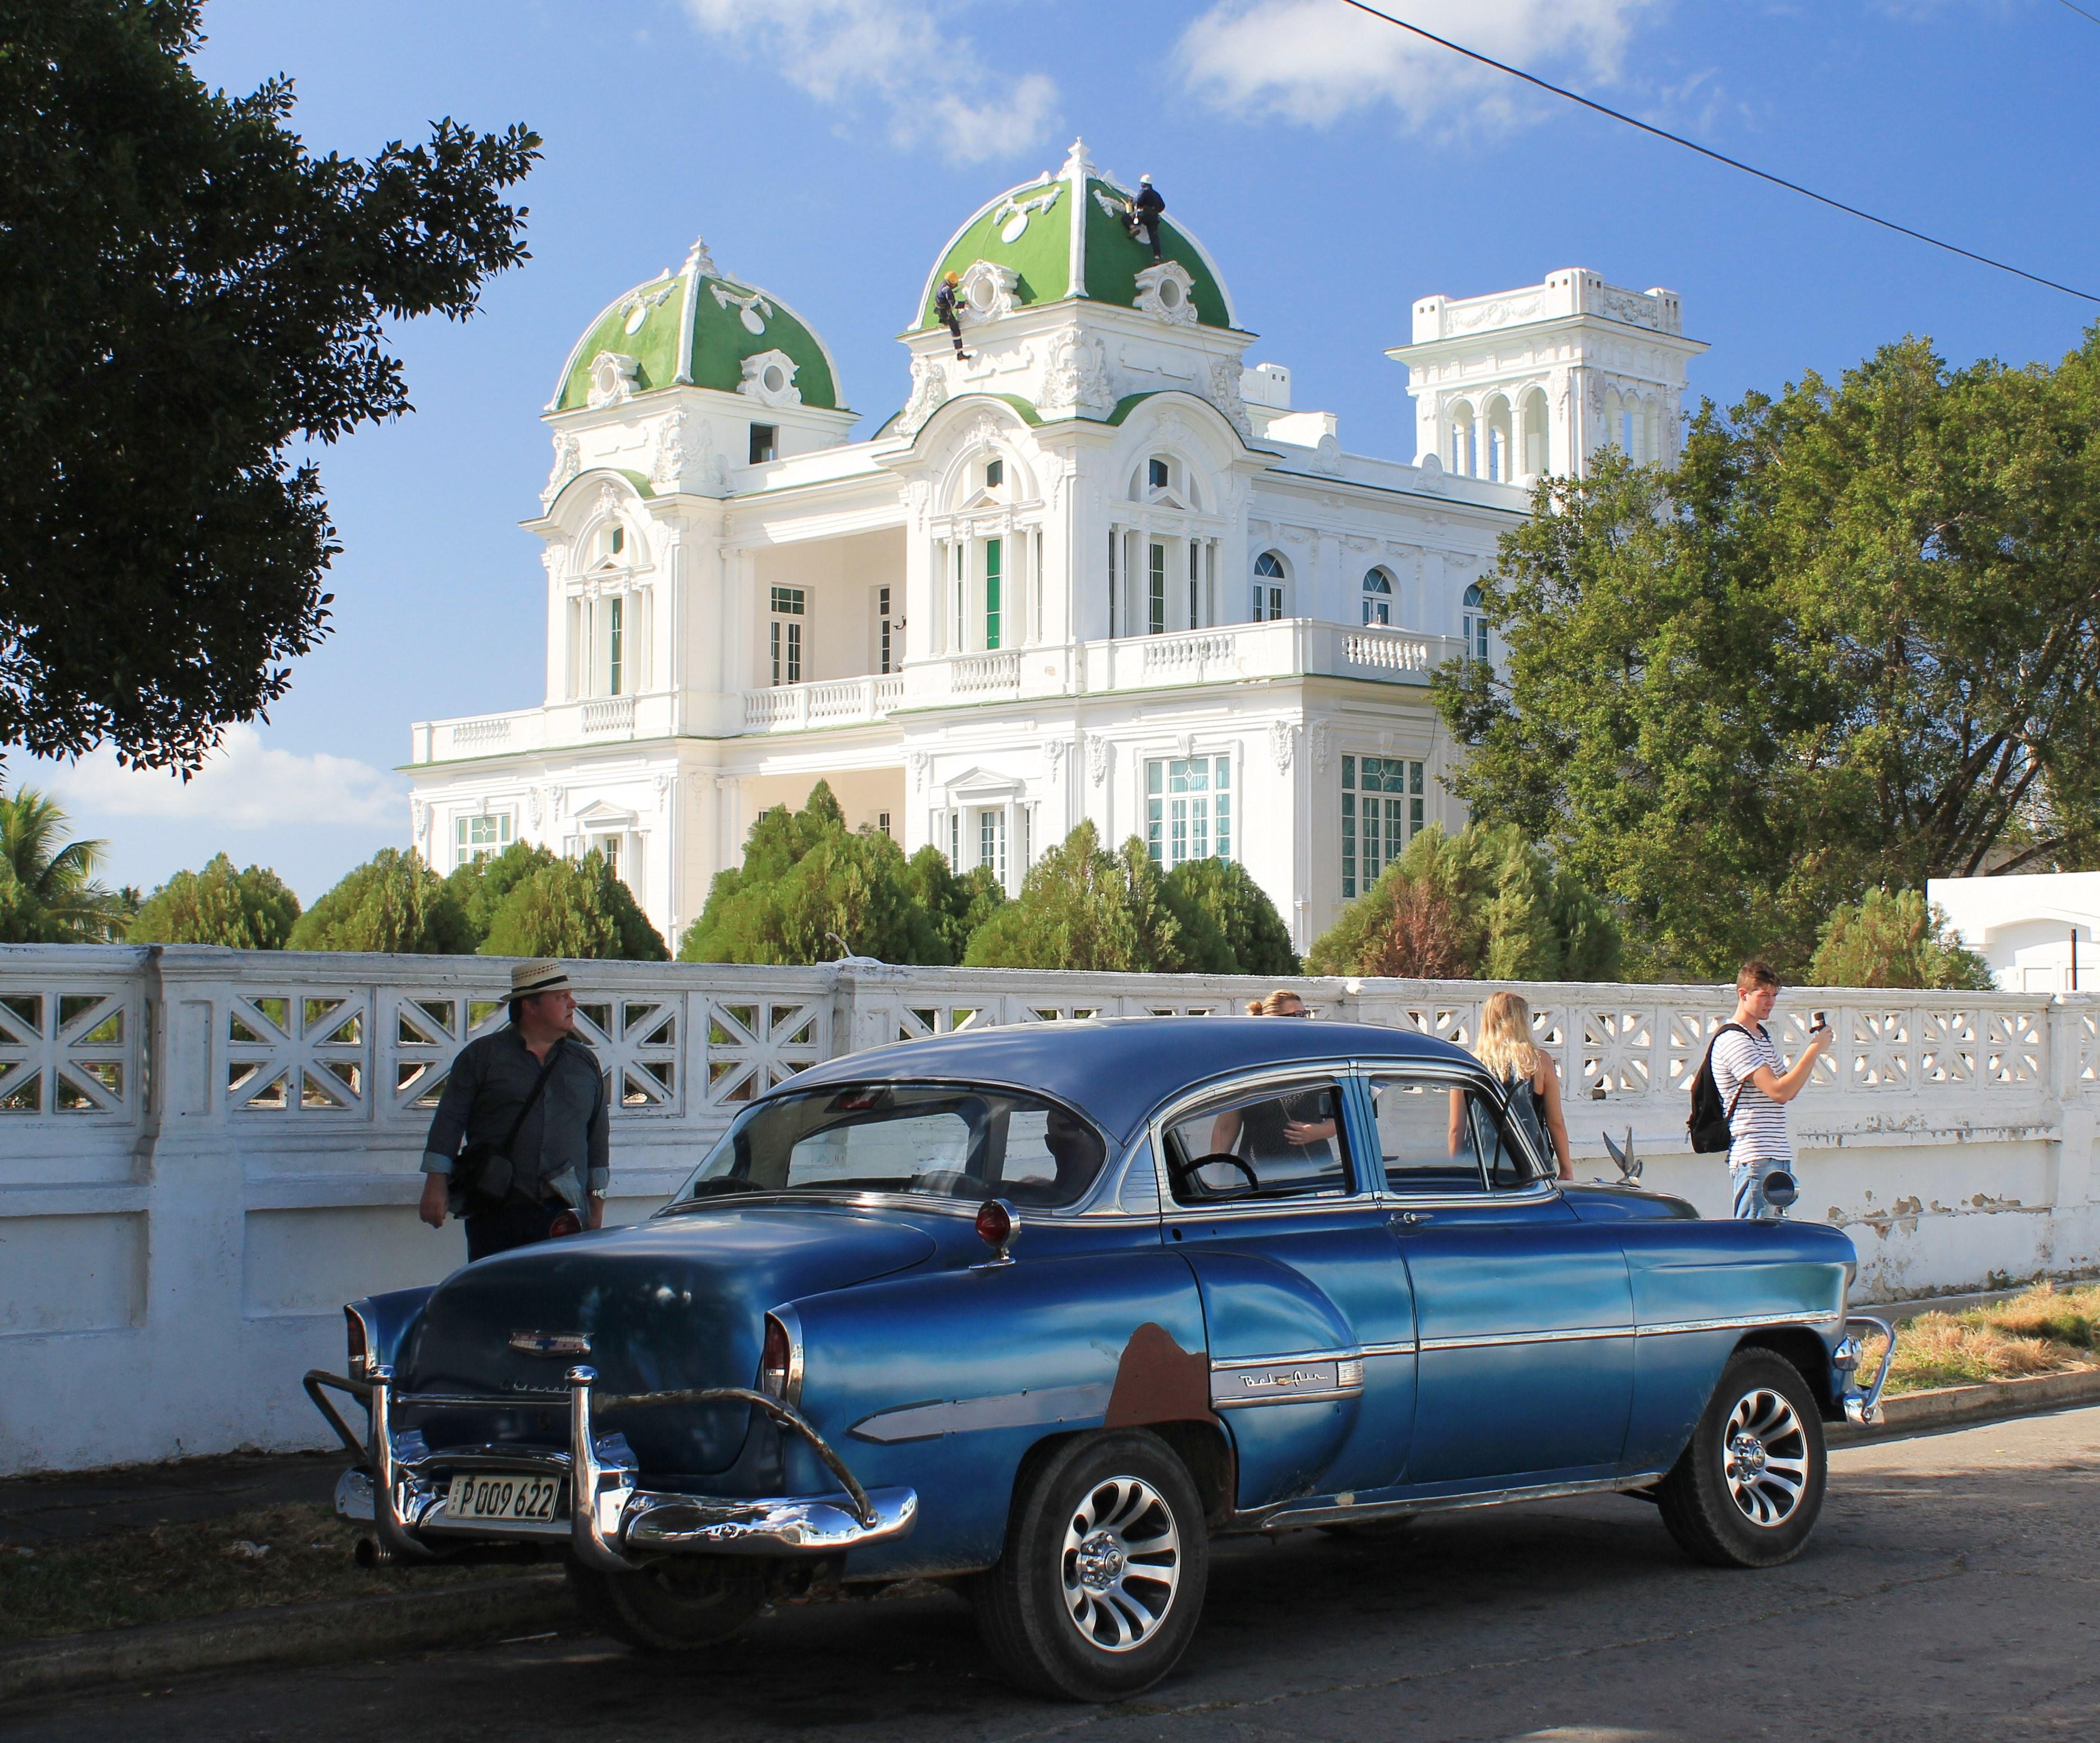 Club-Cienfuegos-Cuba-2 A Cuban Road Trip, Part 1 - Cienfuegos Cienfuegos Cuba